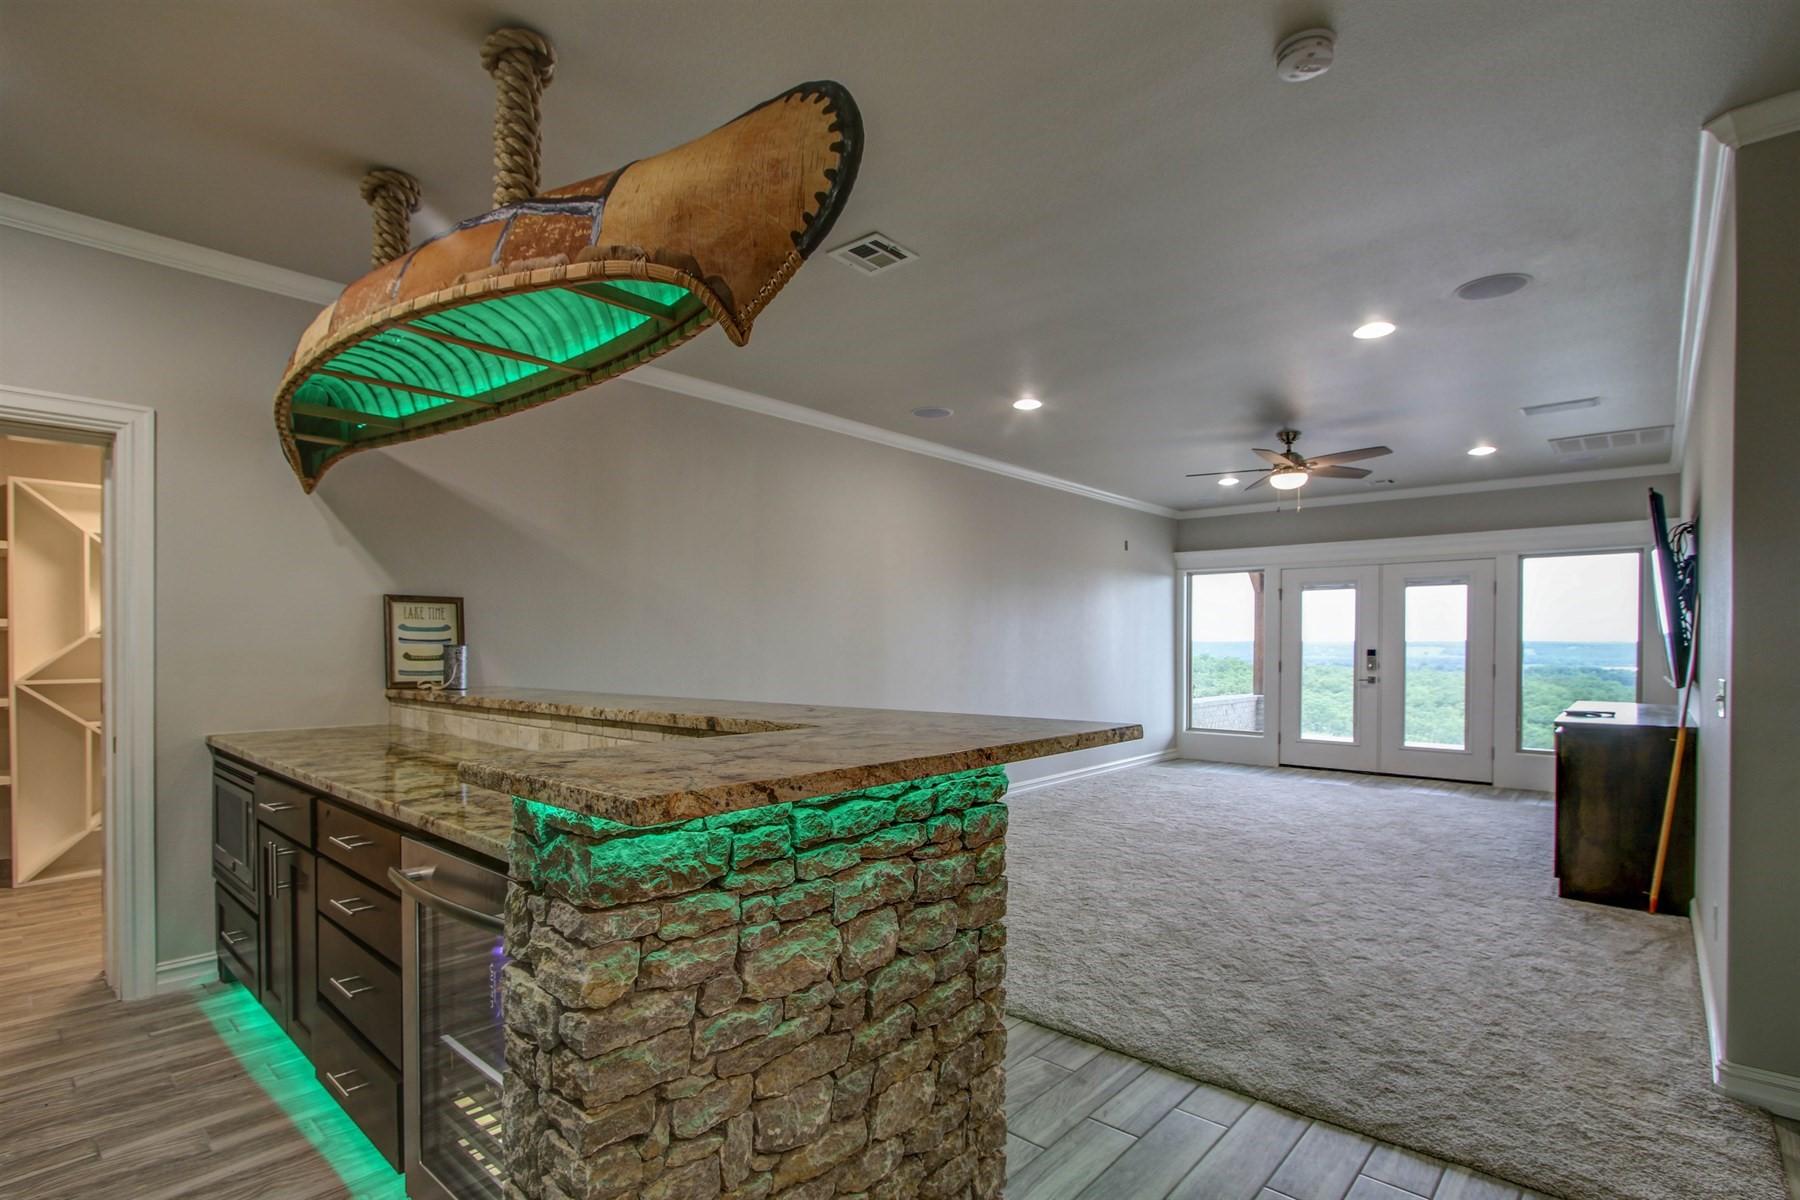 basement-game-bar-49527512